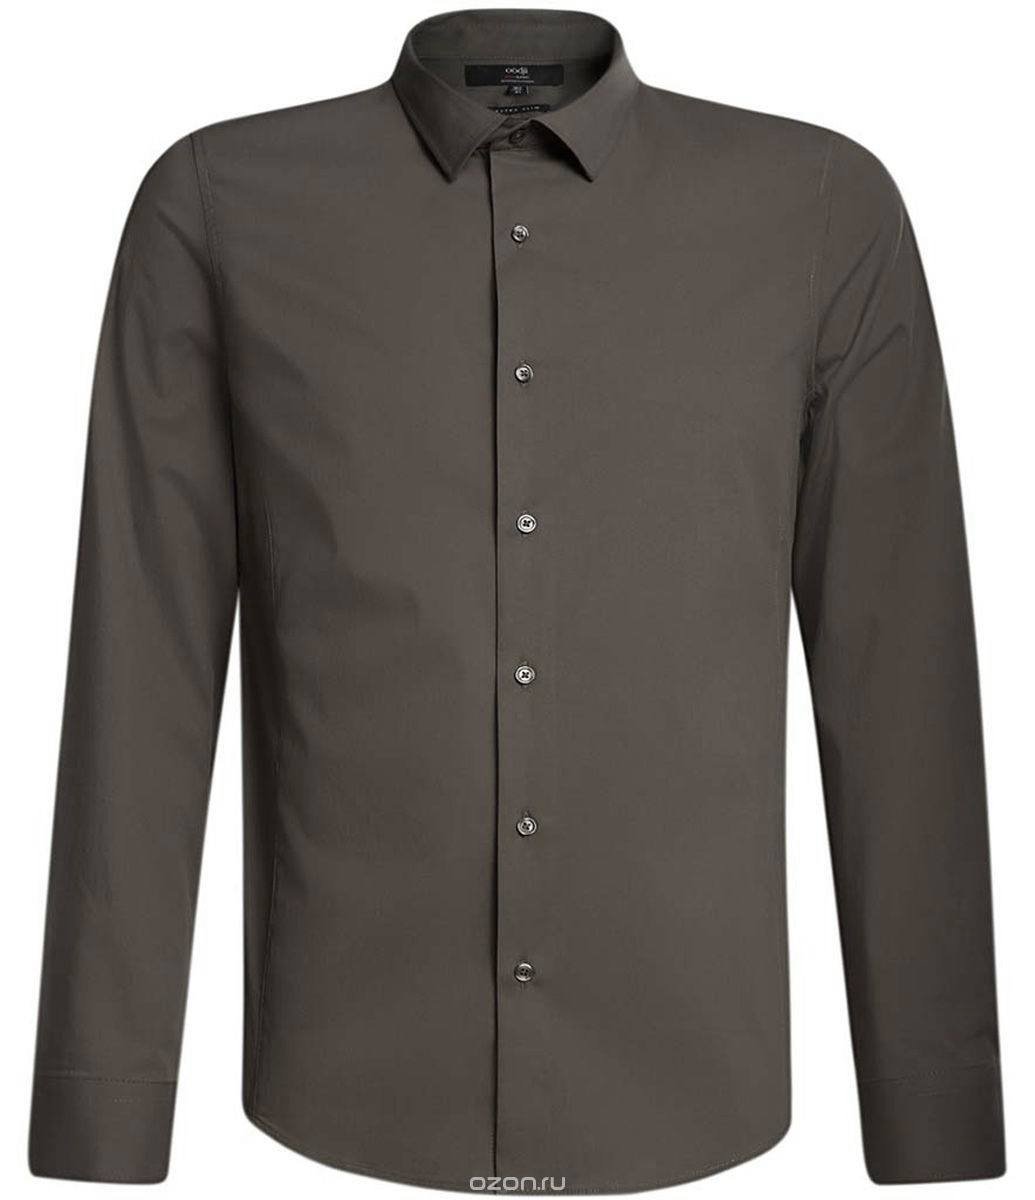 Рубашка мужская oodji Basic, цвет: хаки. 3B140000M/34146N/6600N. Размер 41-182 (50-182)3B140000M/34146N/6600NМужская рубашка oodji Basic изготовлена из хлопка с добавлением полиамида и эластана. Классический воротничок с острыми углами, манжеты с пуговицами, застежка на пуговицы спереди по всей длине. У рубашки слега приталенный силуэт, ее можно носить заправленной или навыпуск. Оптимальное соотношение хлопка и синтетики: не мнется, прекрасно держит форму и дает коже возможность дышать. В такой рубашке комфортно в течение всего дня. Элегантная рубашка станет основой для делового гардероба. Она хорошо сочетается с прямыми и зауженными брюками. Для создания строгого образа рубашку можно дополнить классическим или спортивным пиджаком, или же в качестве второго слоя выбрать трикотажный кардиган. С этой рубашкой вы можете создать разные деловые луки. Они всегда будут отвечать строгому дресс-коду. Из обуви предпочтение рекомендуется отдавать классическим моделям туфель.